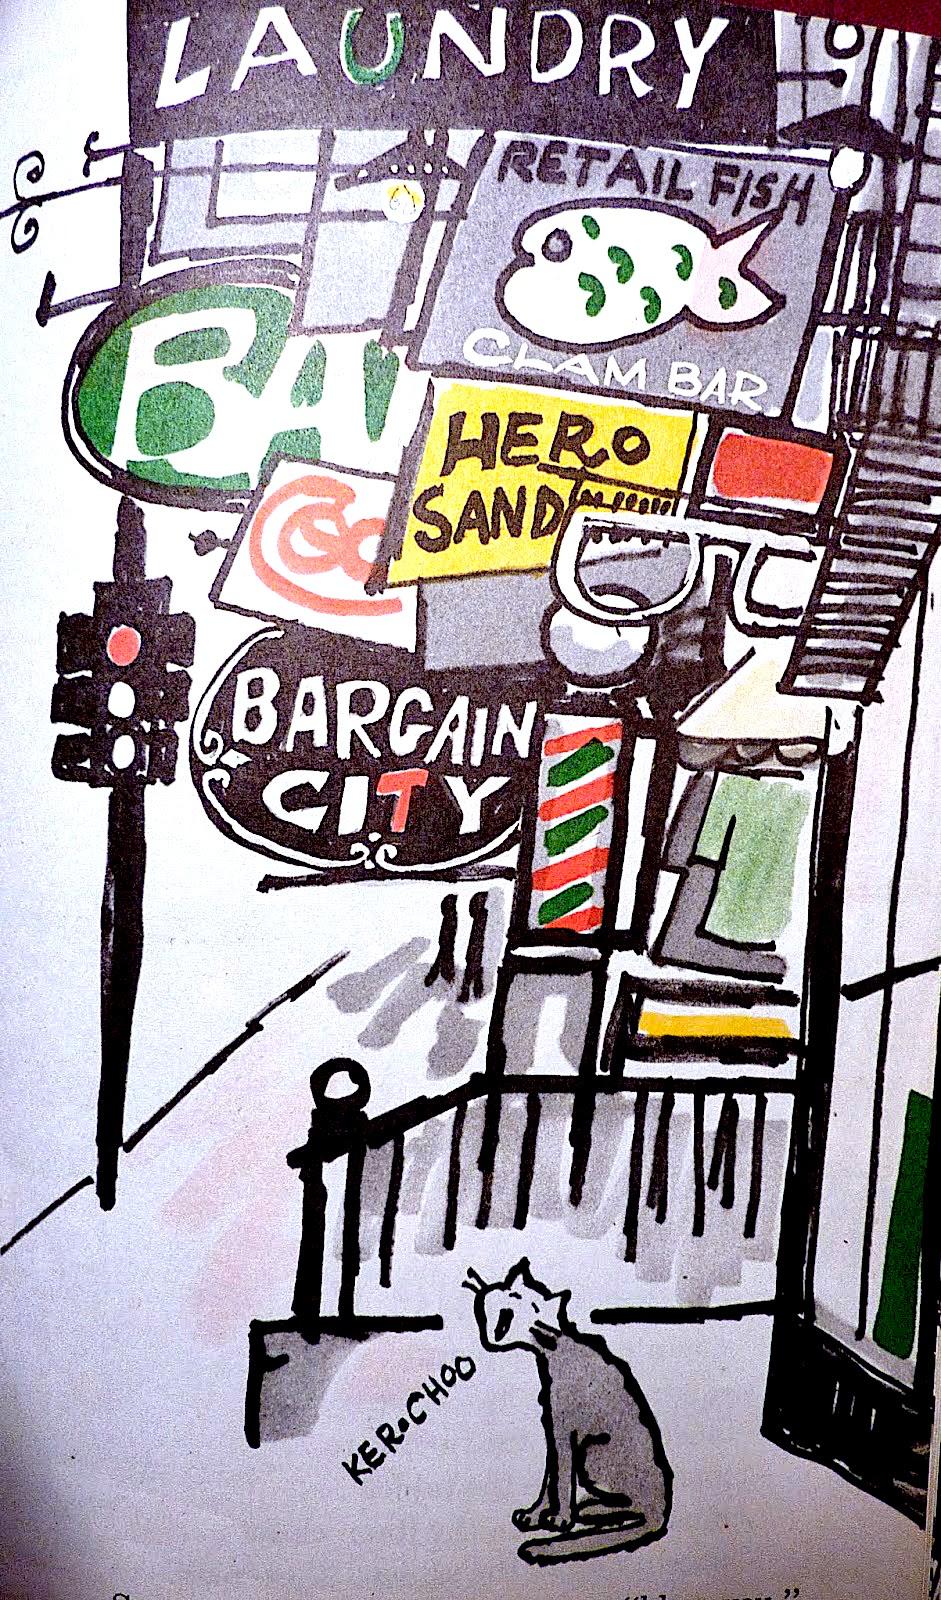 a Bernard Waber children's book illustration of a cat on an urban street